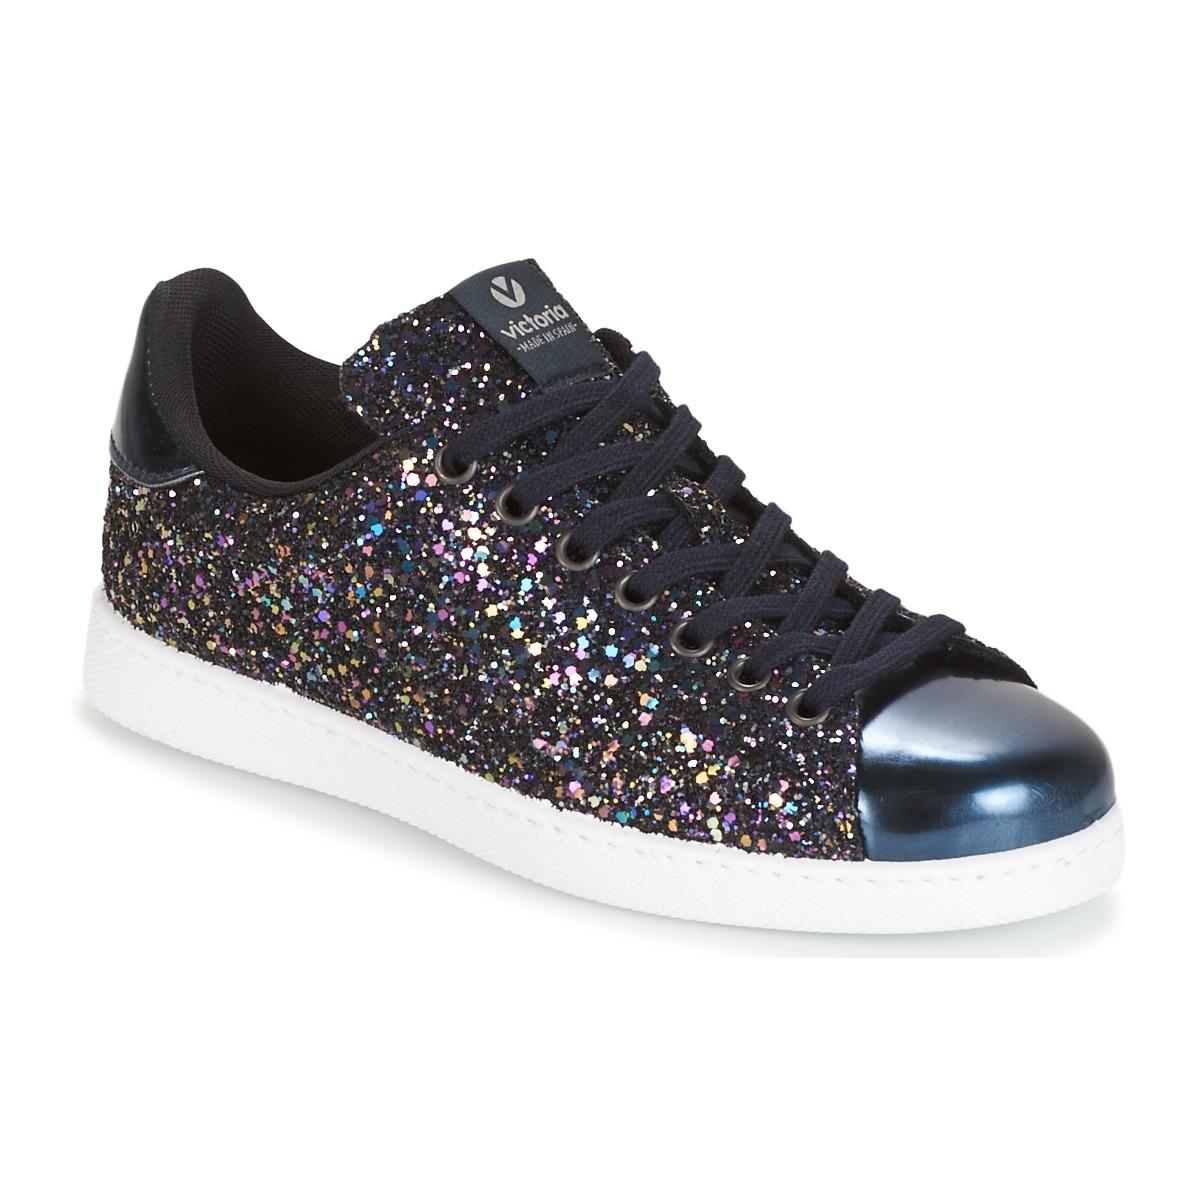 Victoria DEPORTIVO BASKET GLITTER Marine - Kostenloser Versand bei Spartoode ! - Schuhe Sneaker Low Damen 55,20 €